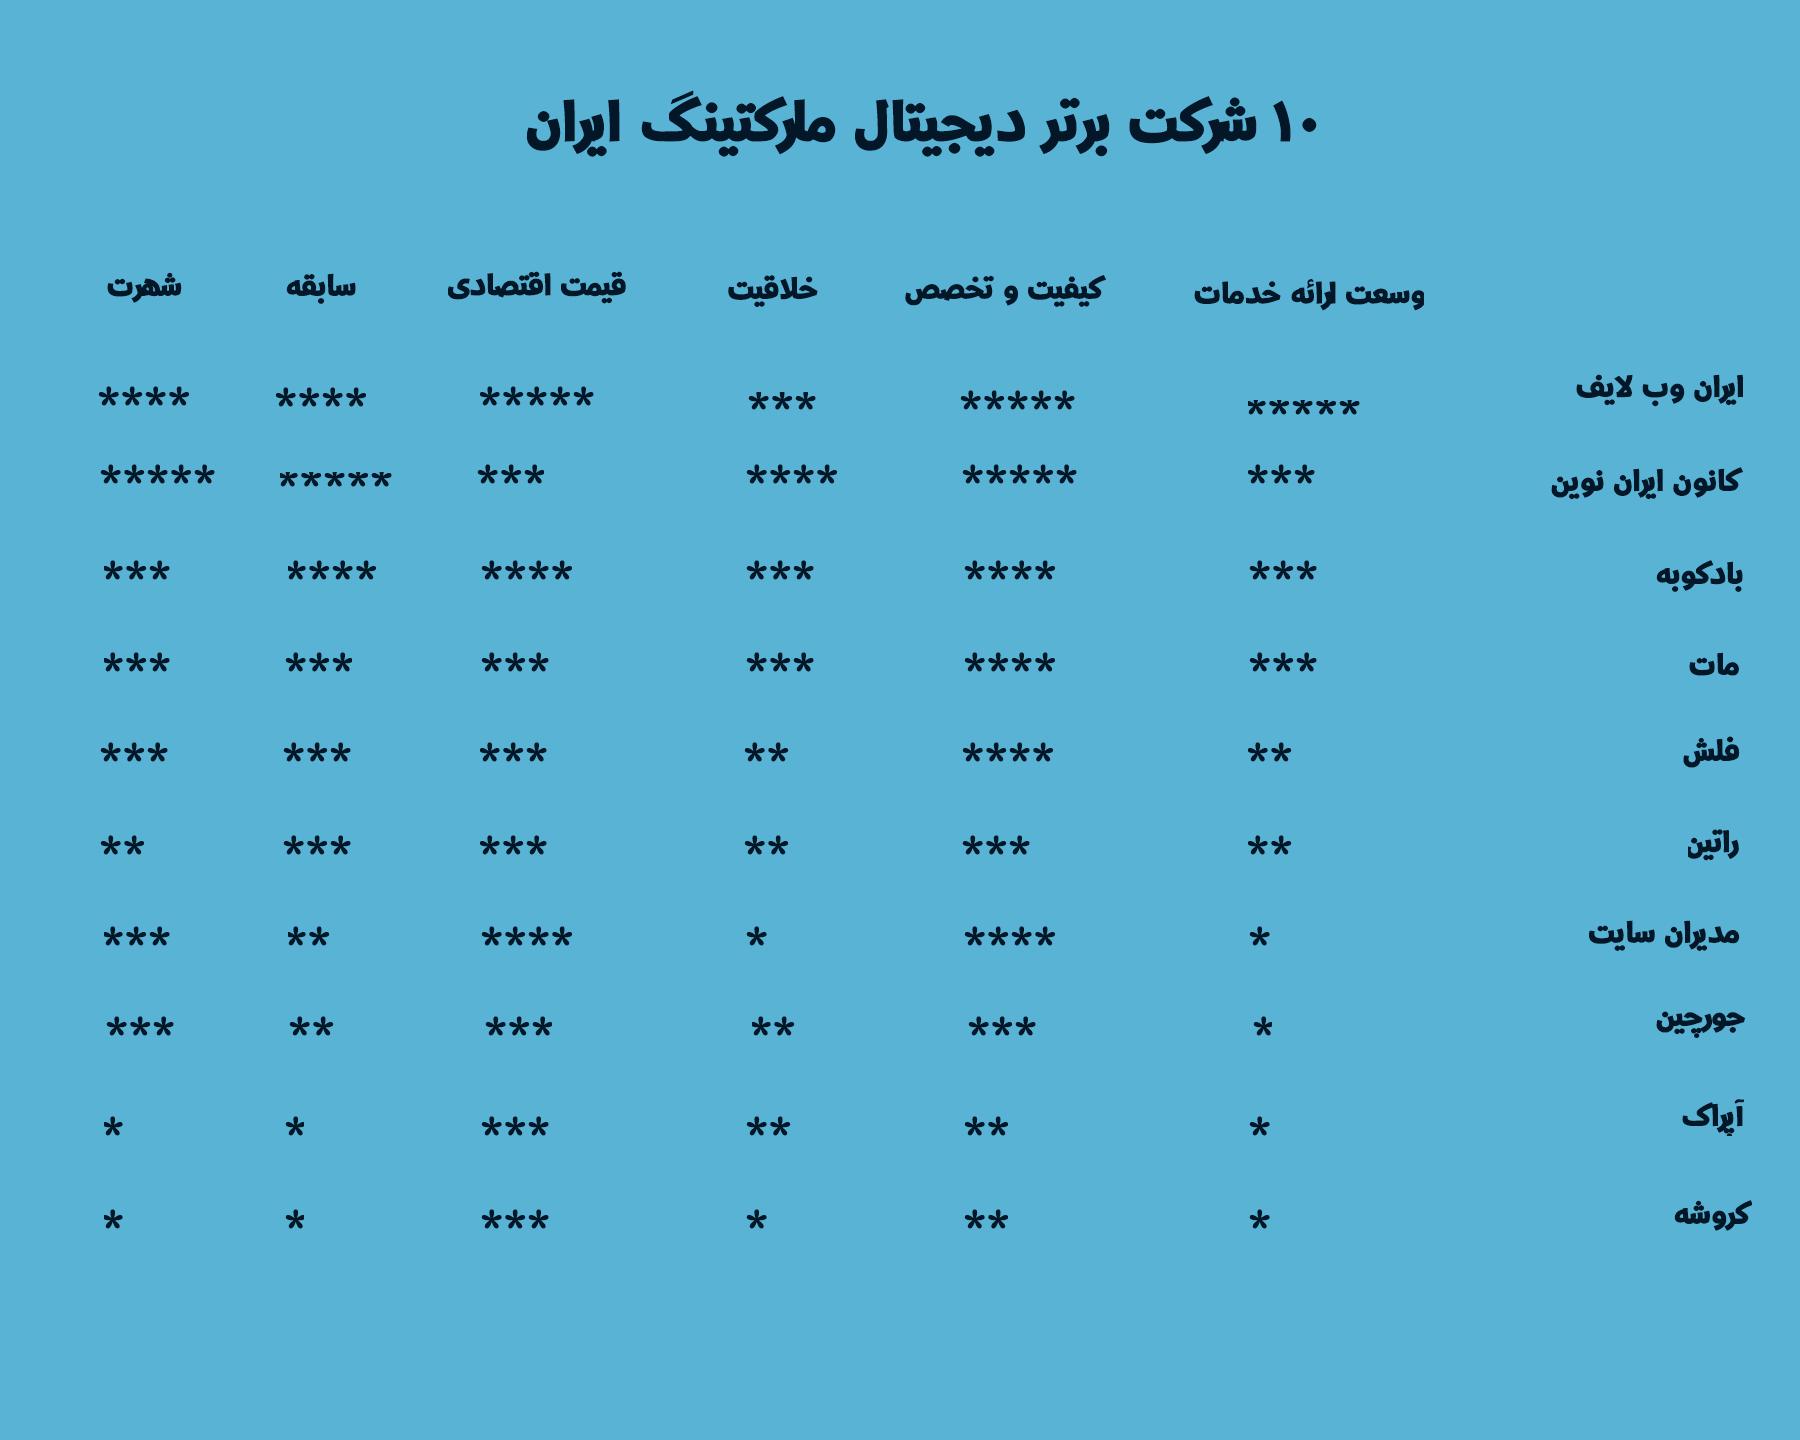 بهترین دیجیتال مارکتینگ ایجنسی های ایران